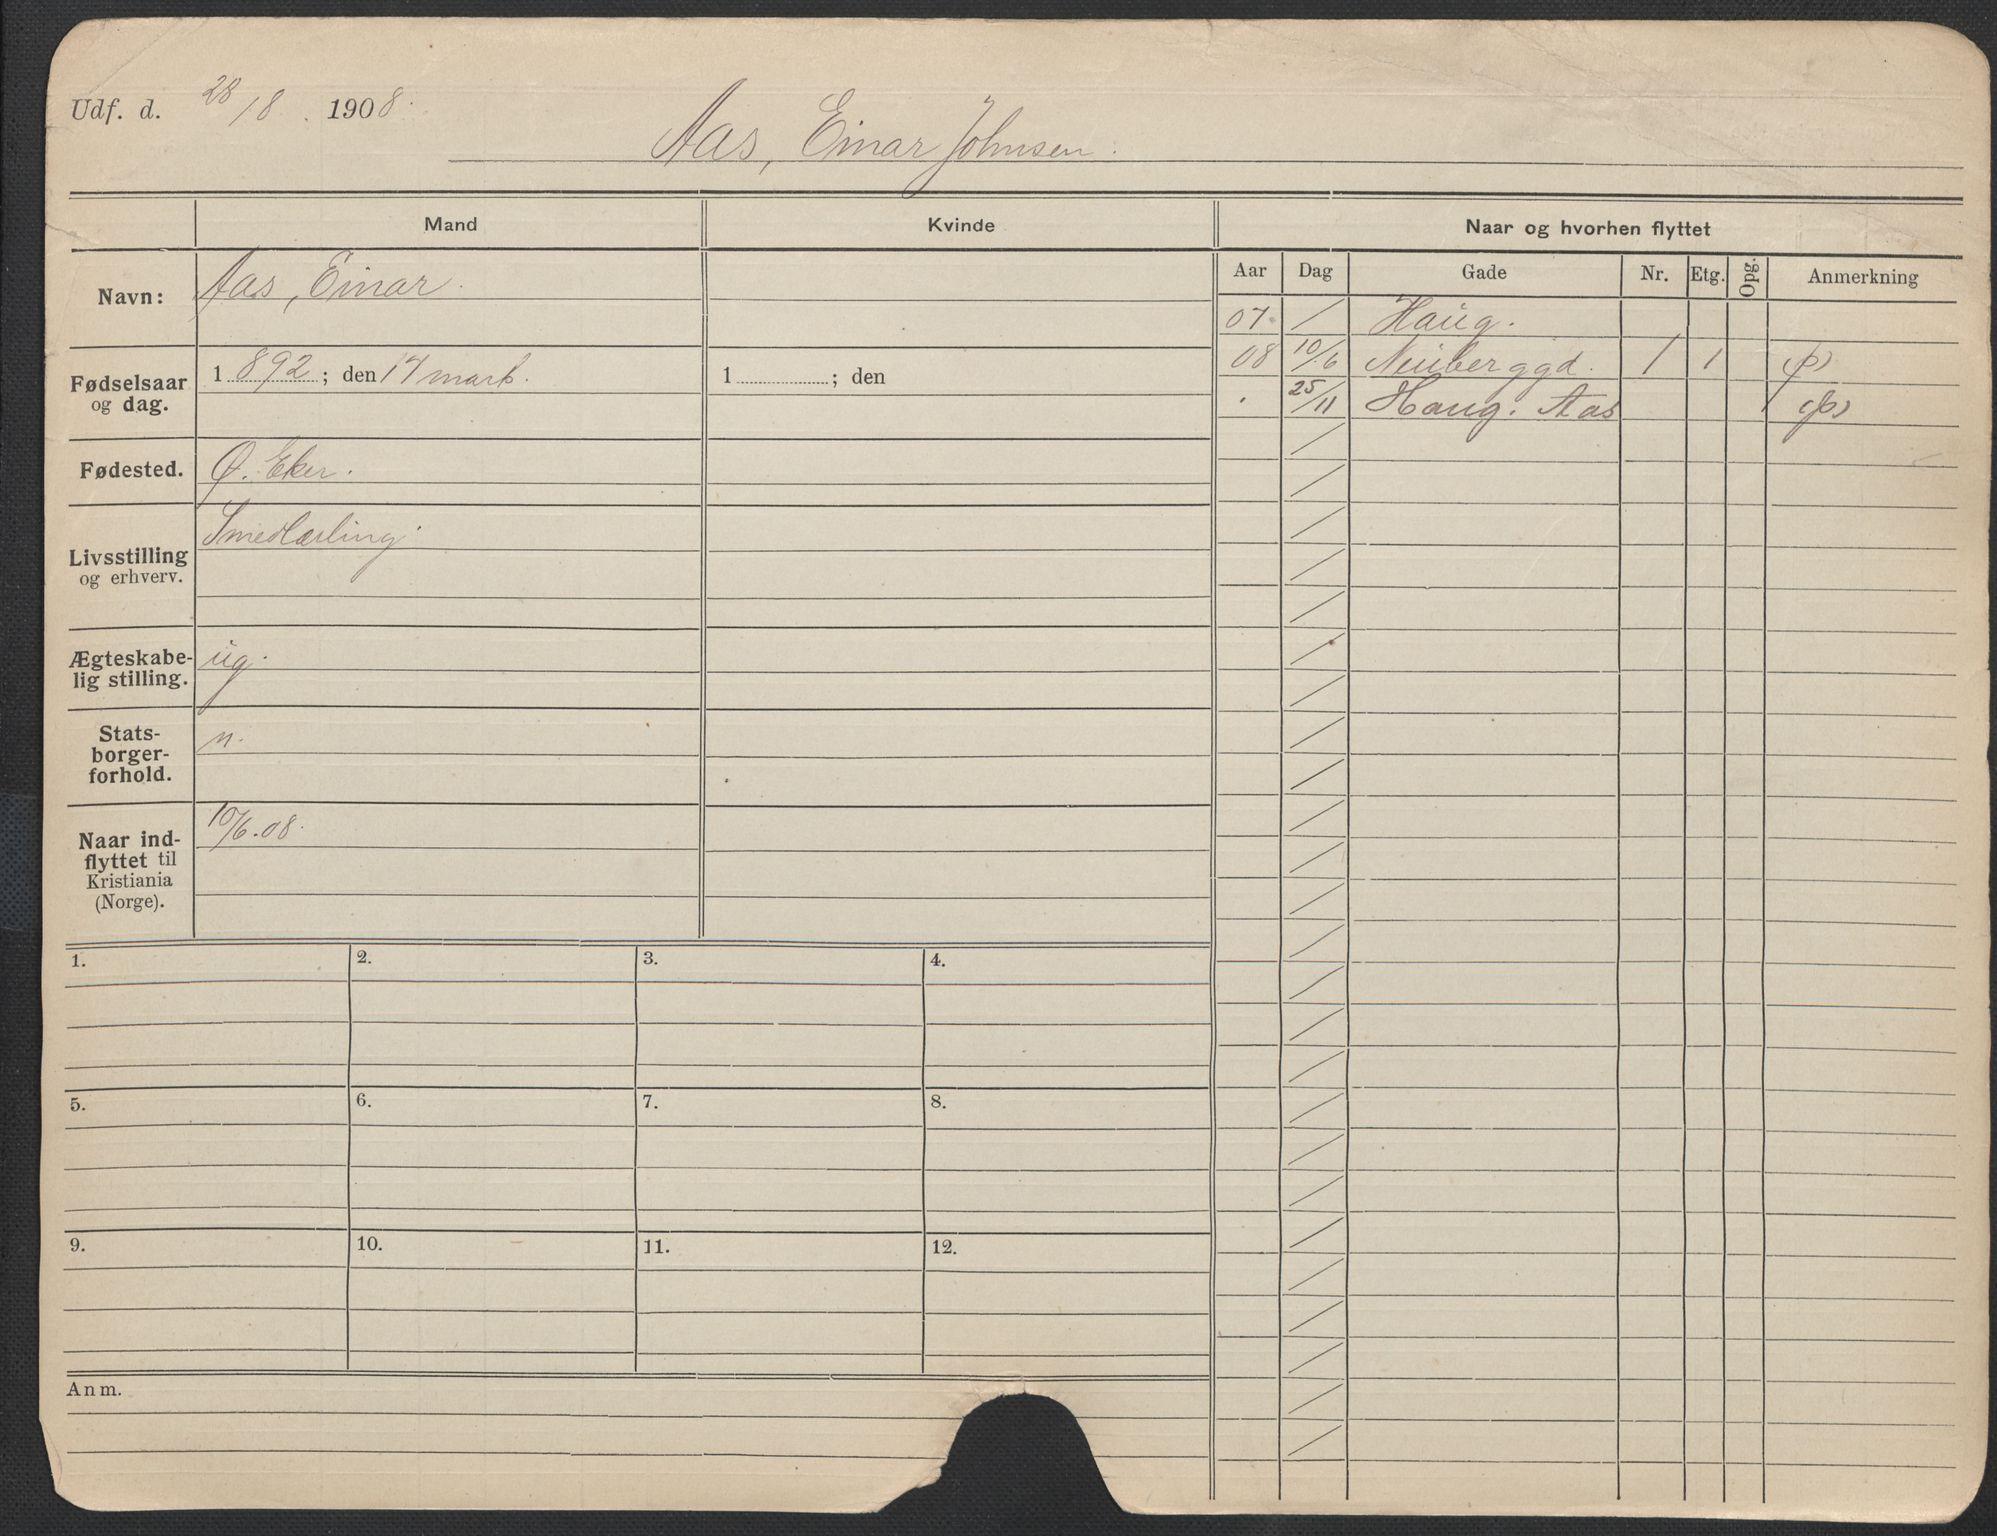 SAO, Oslo folkeregister, Registerkort, F/Fa/Fac/L0011: Menn, 1906-1914, s. 1201a